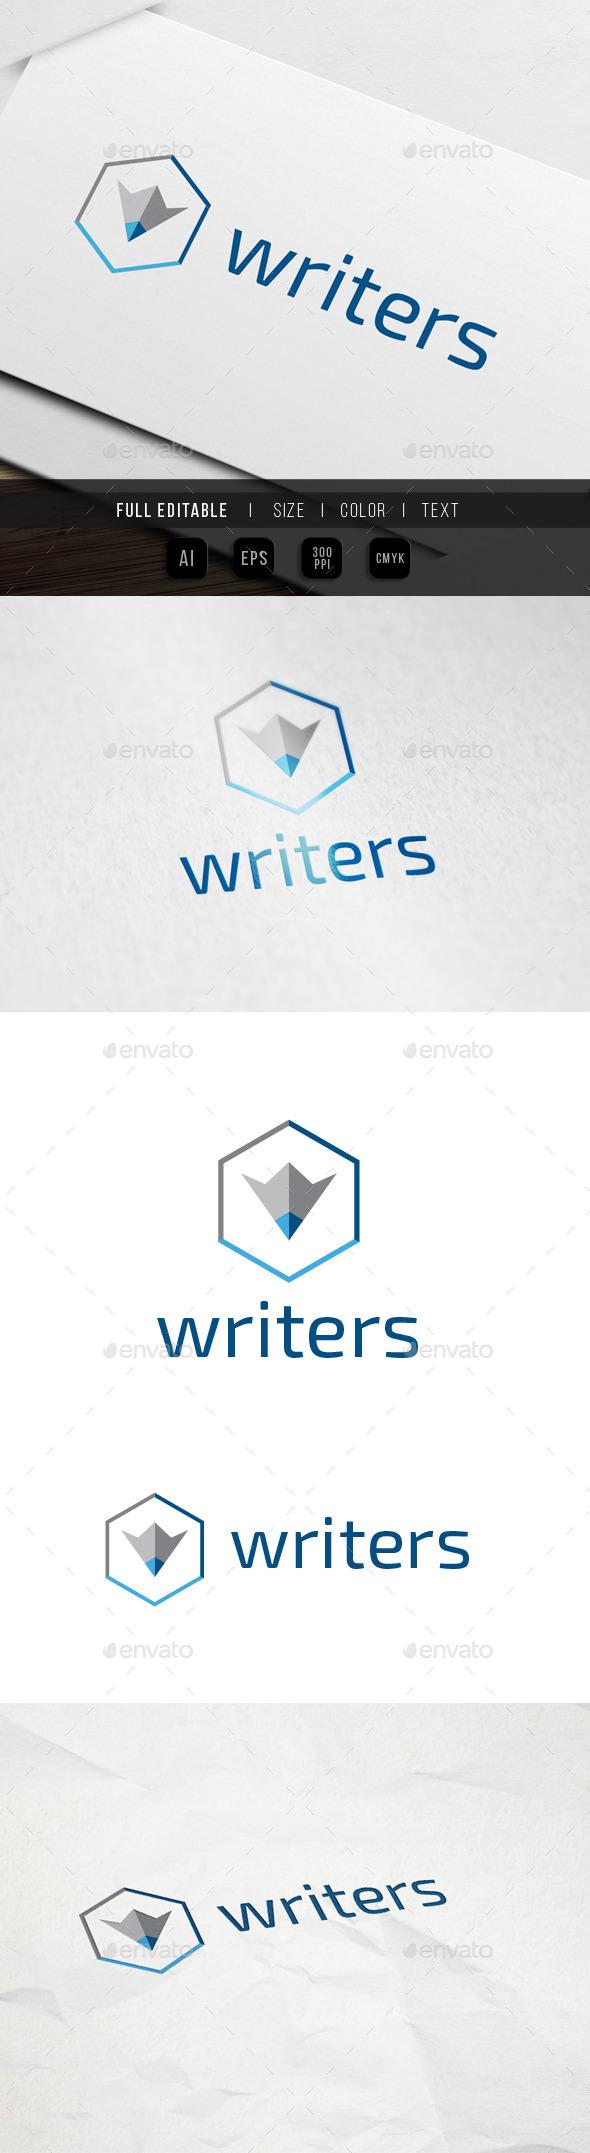 GraphicRiver Hexa Content Writer Logo 9931499